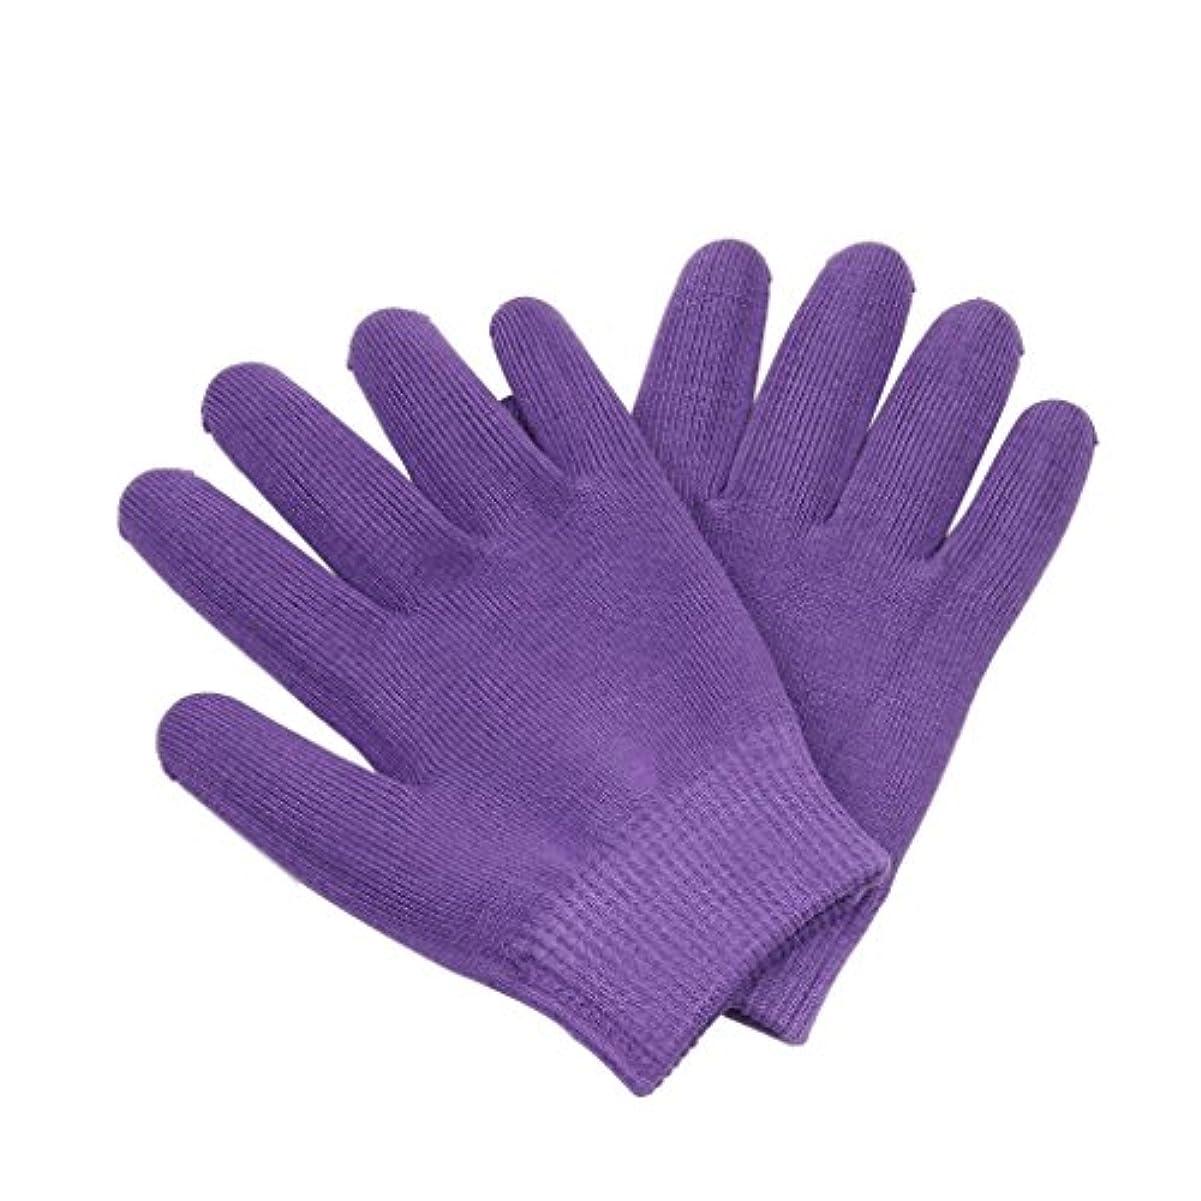 準備白鳥代わってSONONIA 保湿手袋 おやすみ手袋 就寝用 手袋 手湿疹 肌荒れ 乾燥防止 乾燥肌 手荒れ 保湿 スキンケア 全3色選べ - 紫